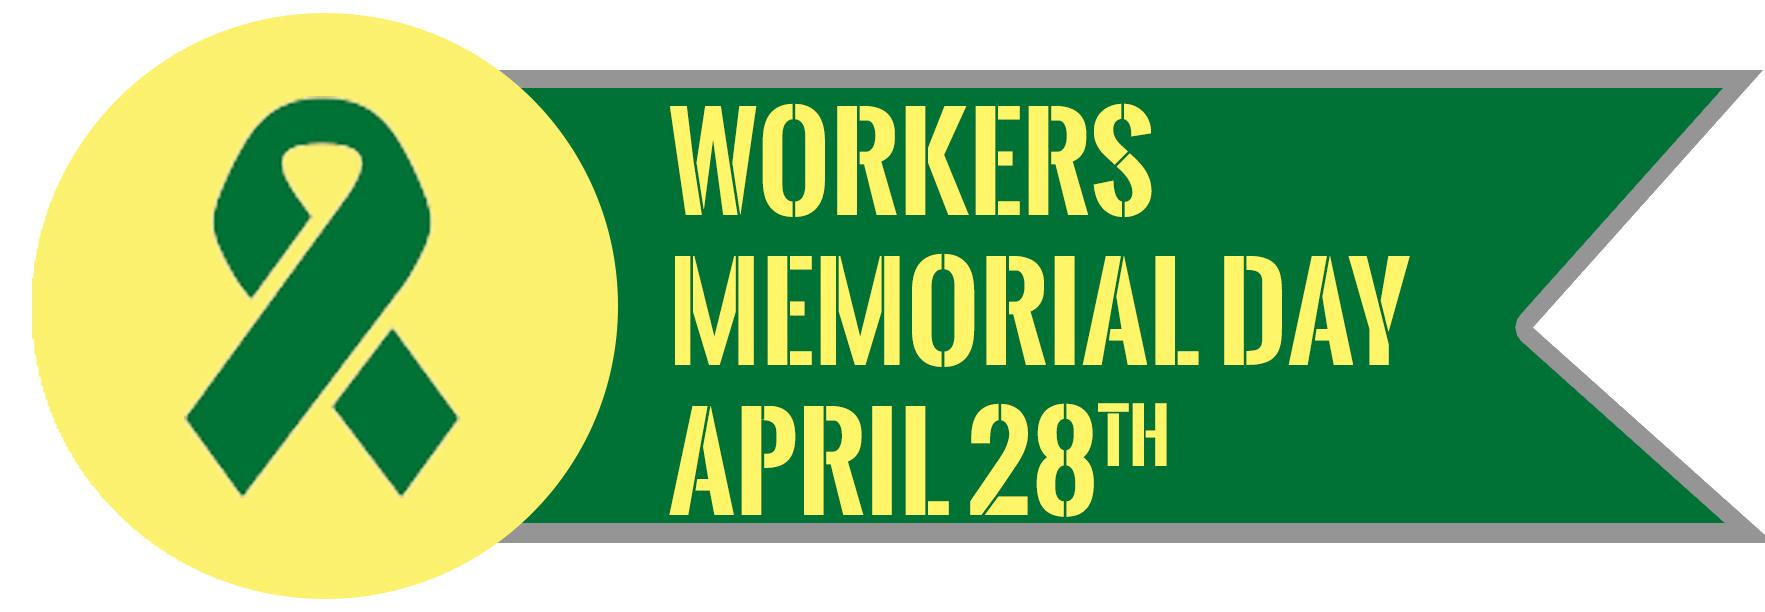 workersmemorialday-768x266